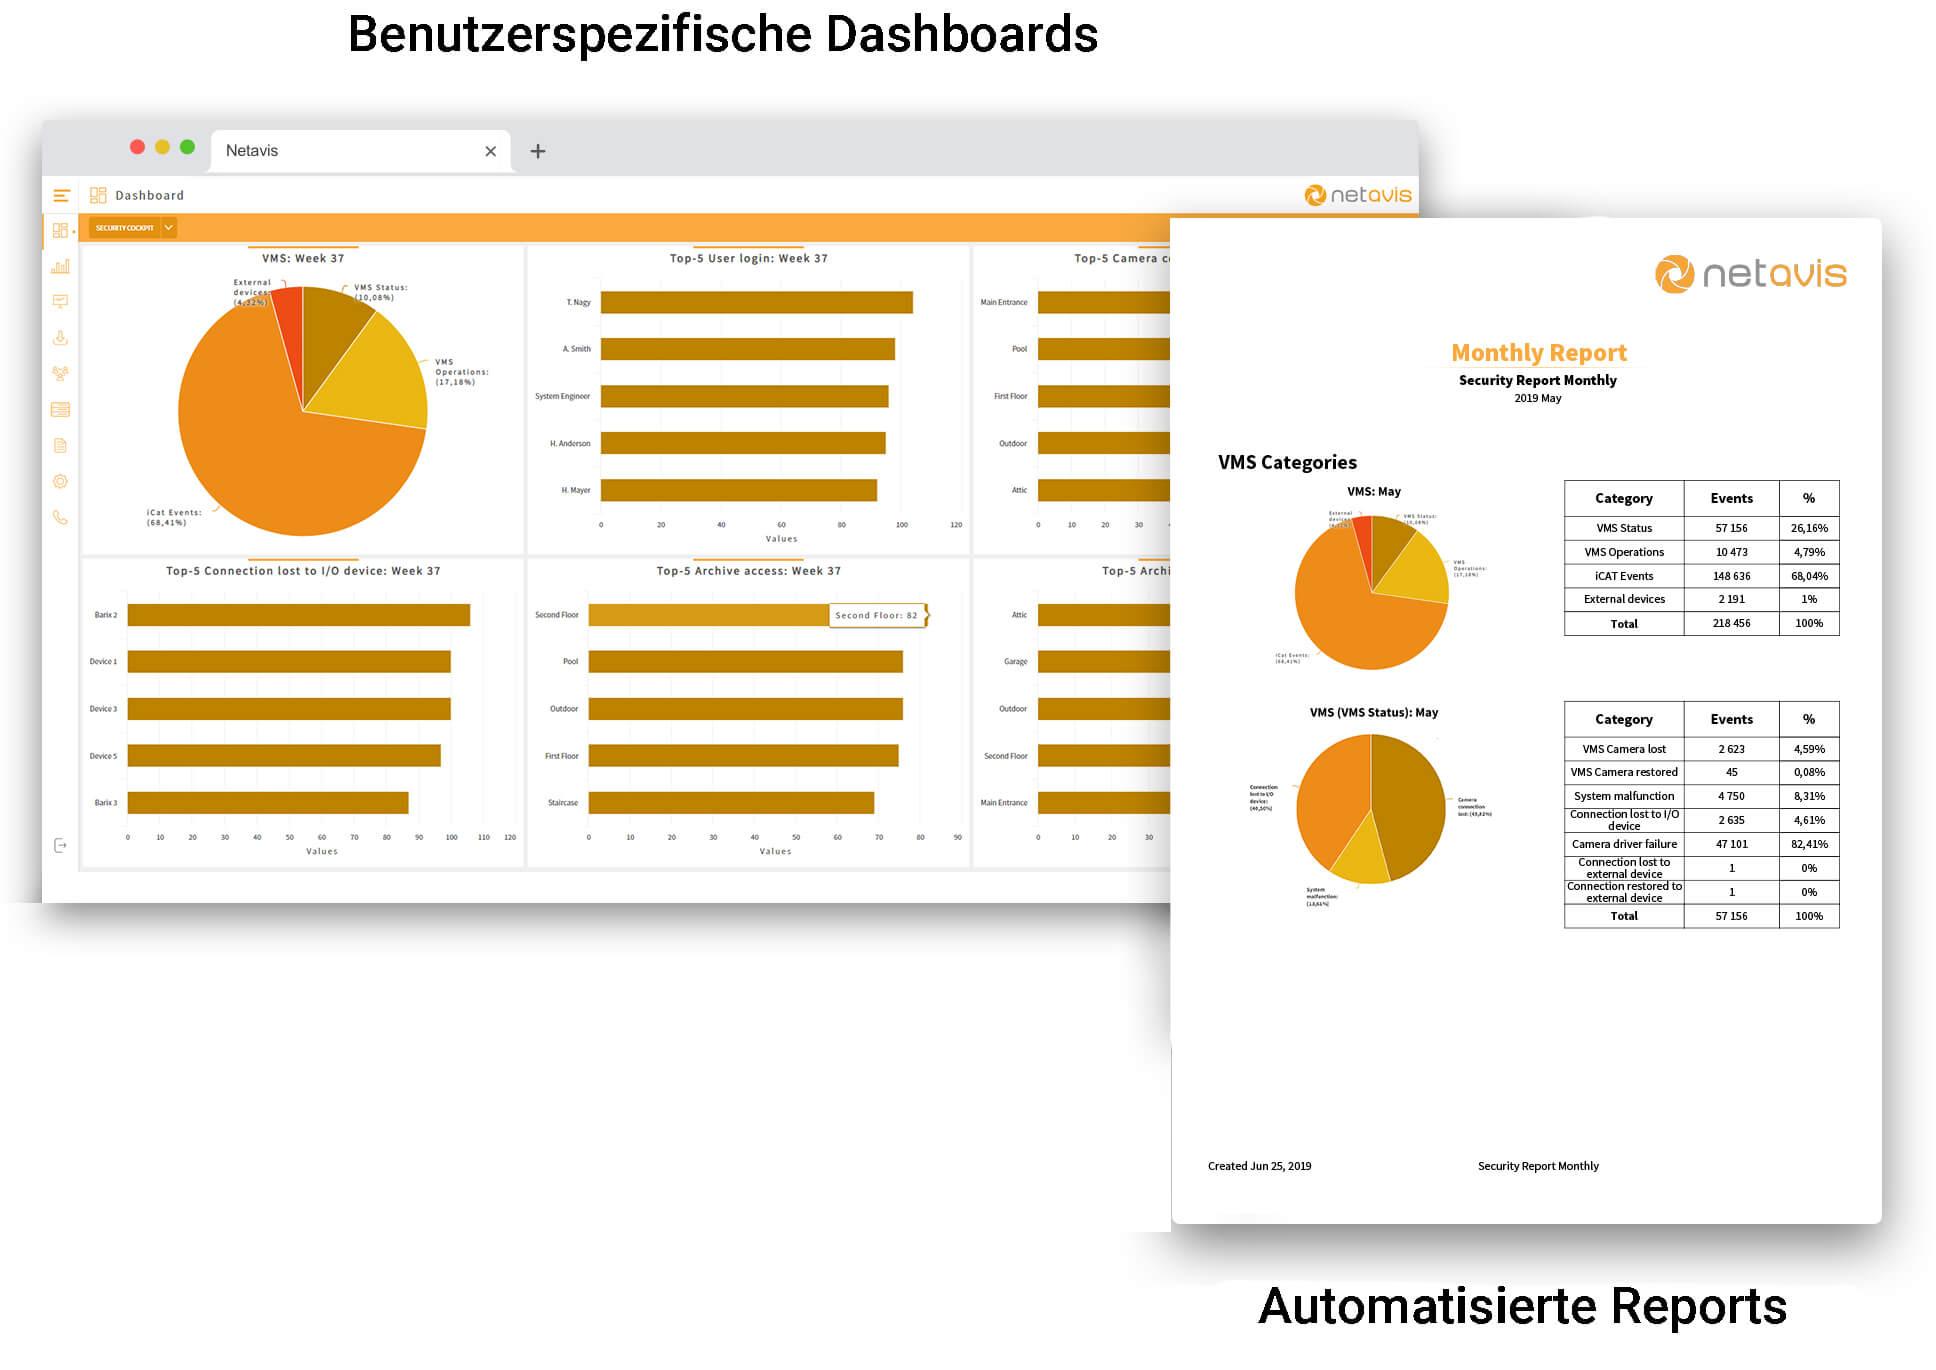 Das Security Cockpit verfügt über benutzerspezifische dashboards und automatisierte reports